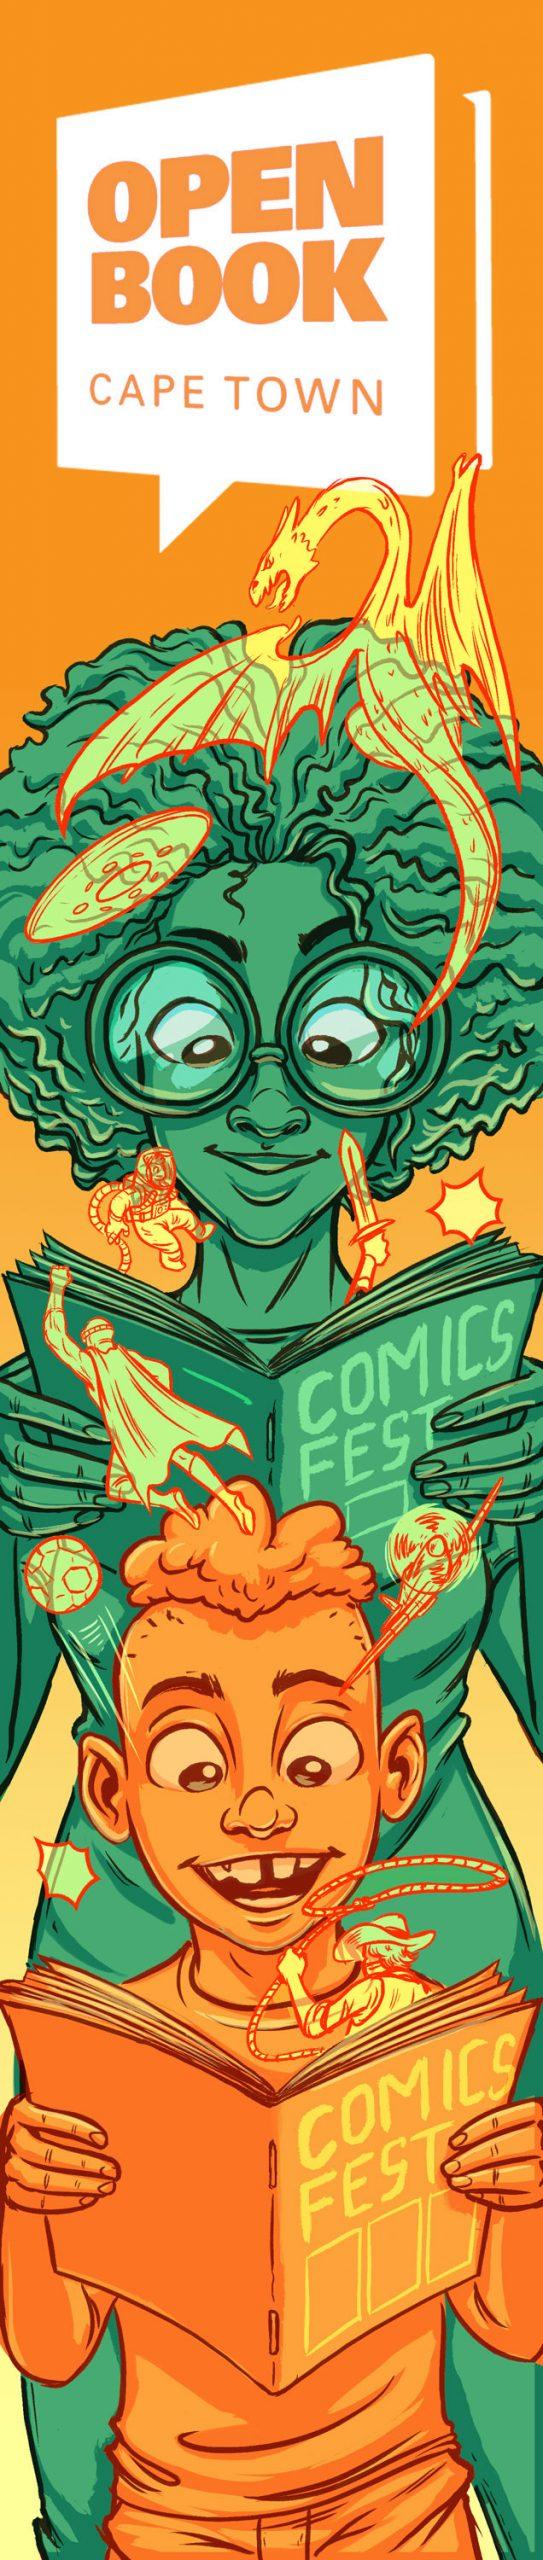 Outdoor banner design for Open Book Comics Fest.  by Ben Geldenhuys